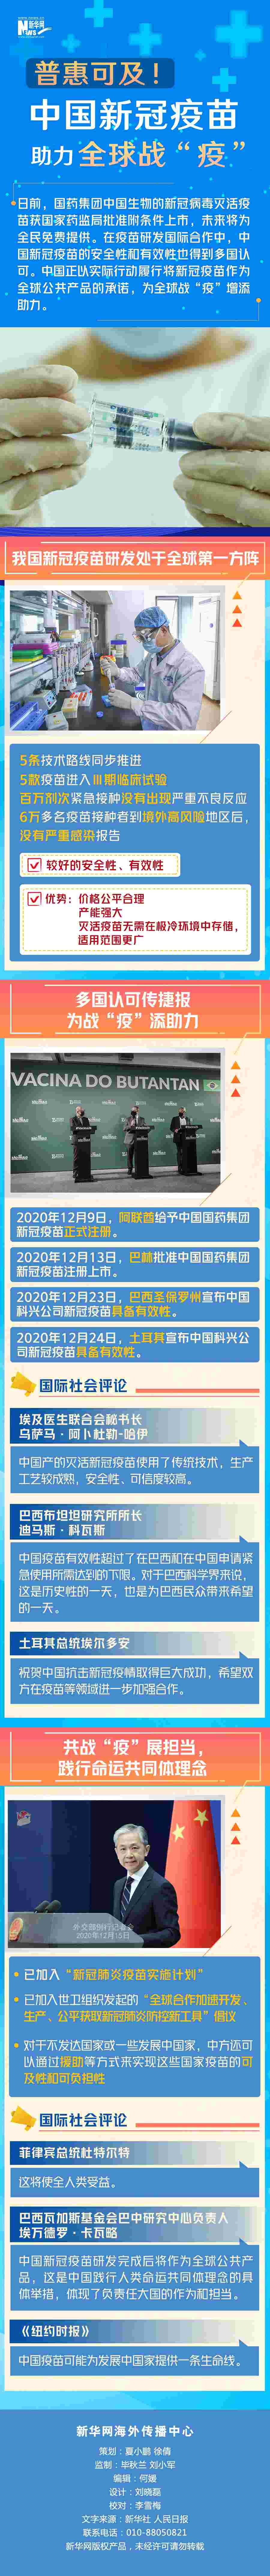 """【图解】普惠可及!中国新冠疫苗助力全球战""""疫"""""""